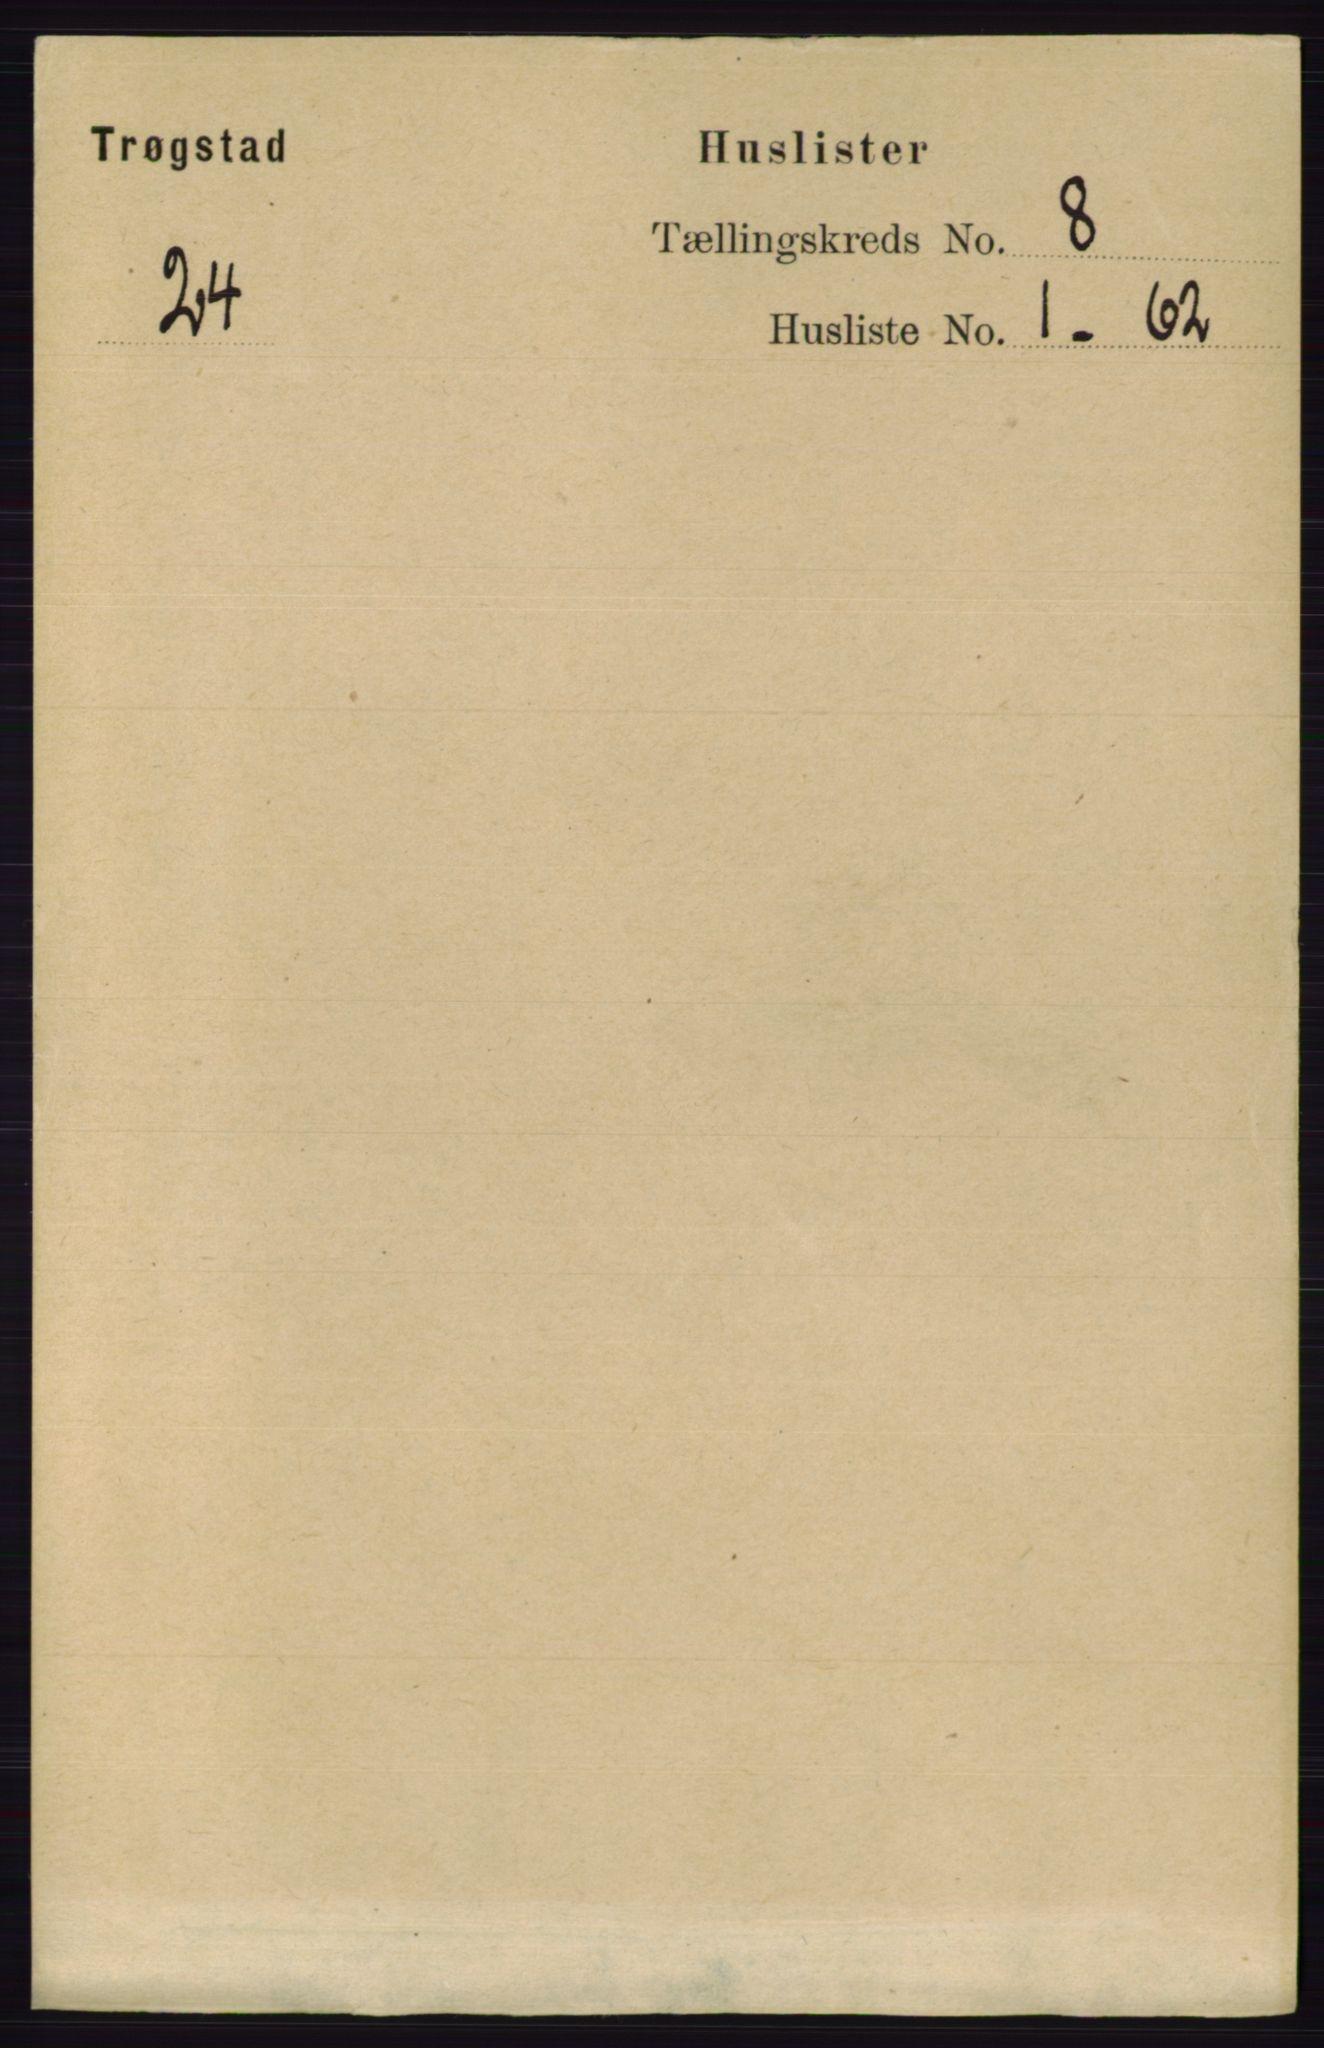 RA, Folketelling 1891 for 0122 Trøgstad herred, 1891, s. 3370